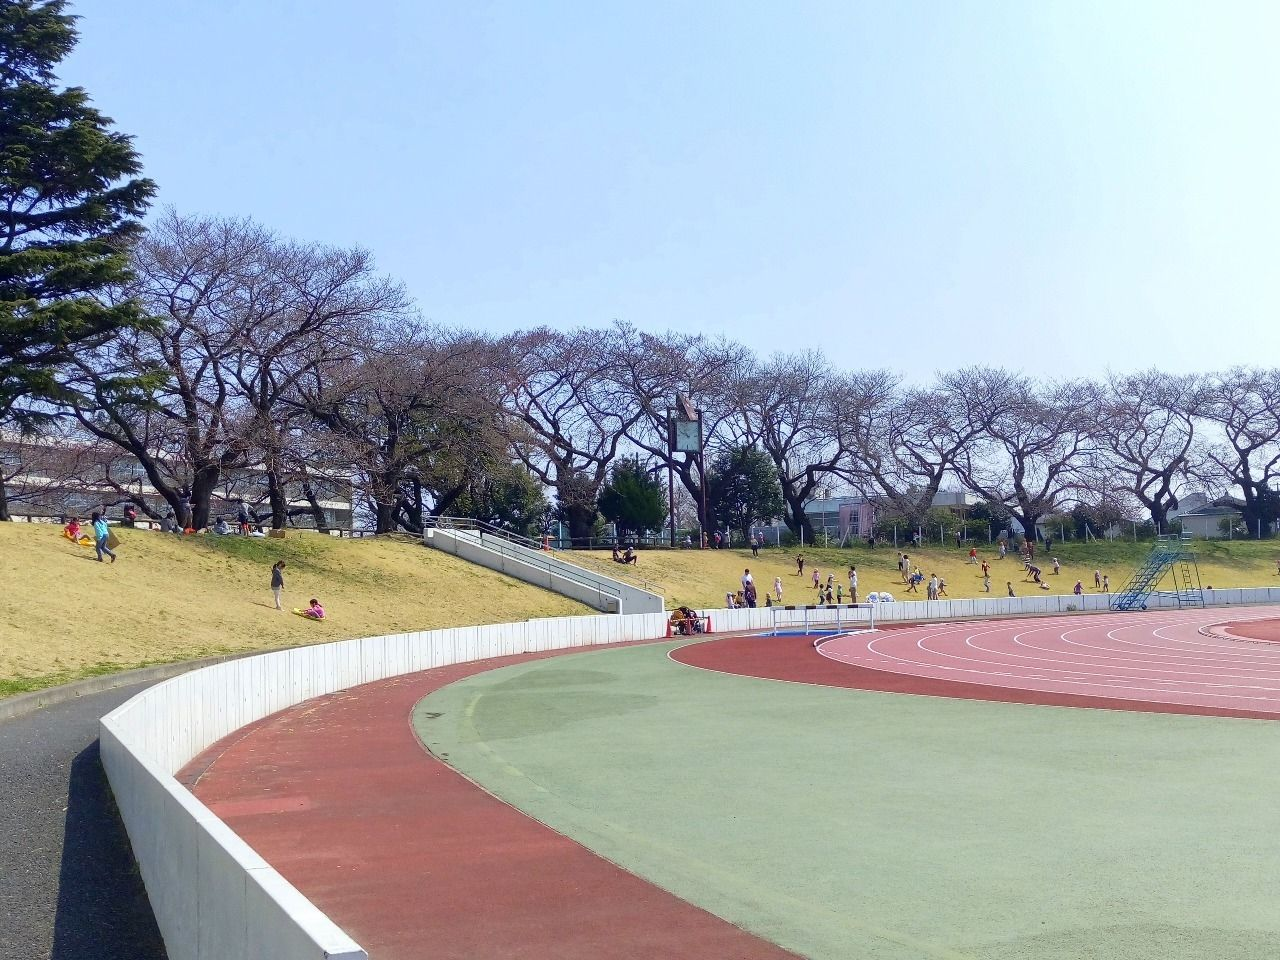 武蔵野市役所横の陸上競技場は桜ができれい